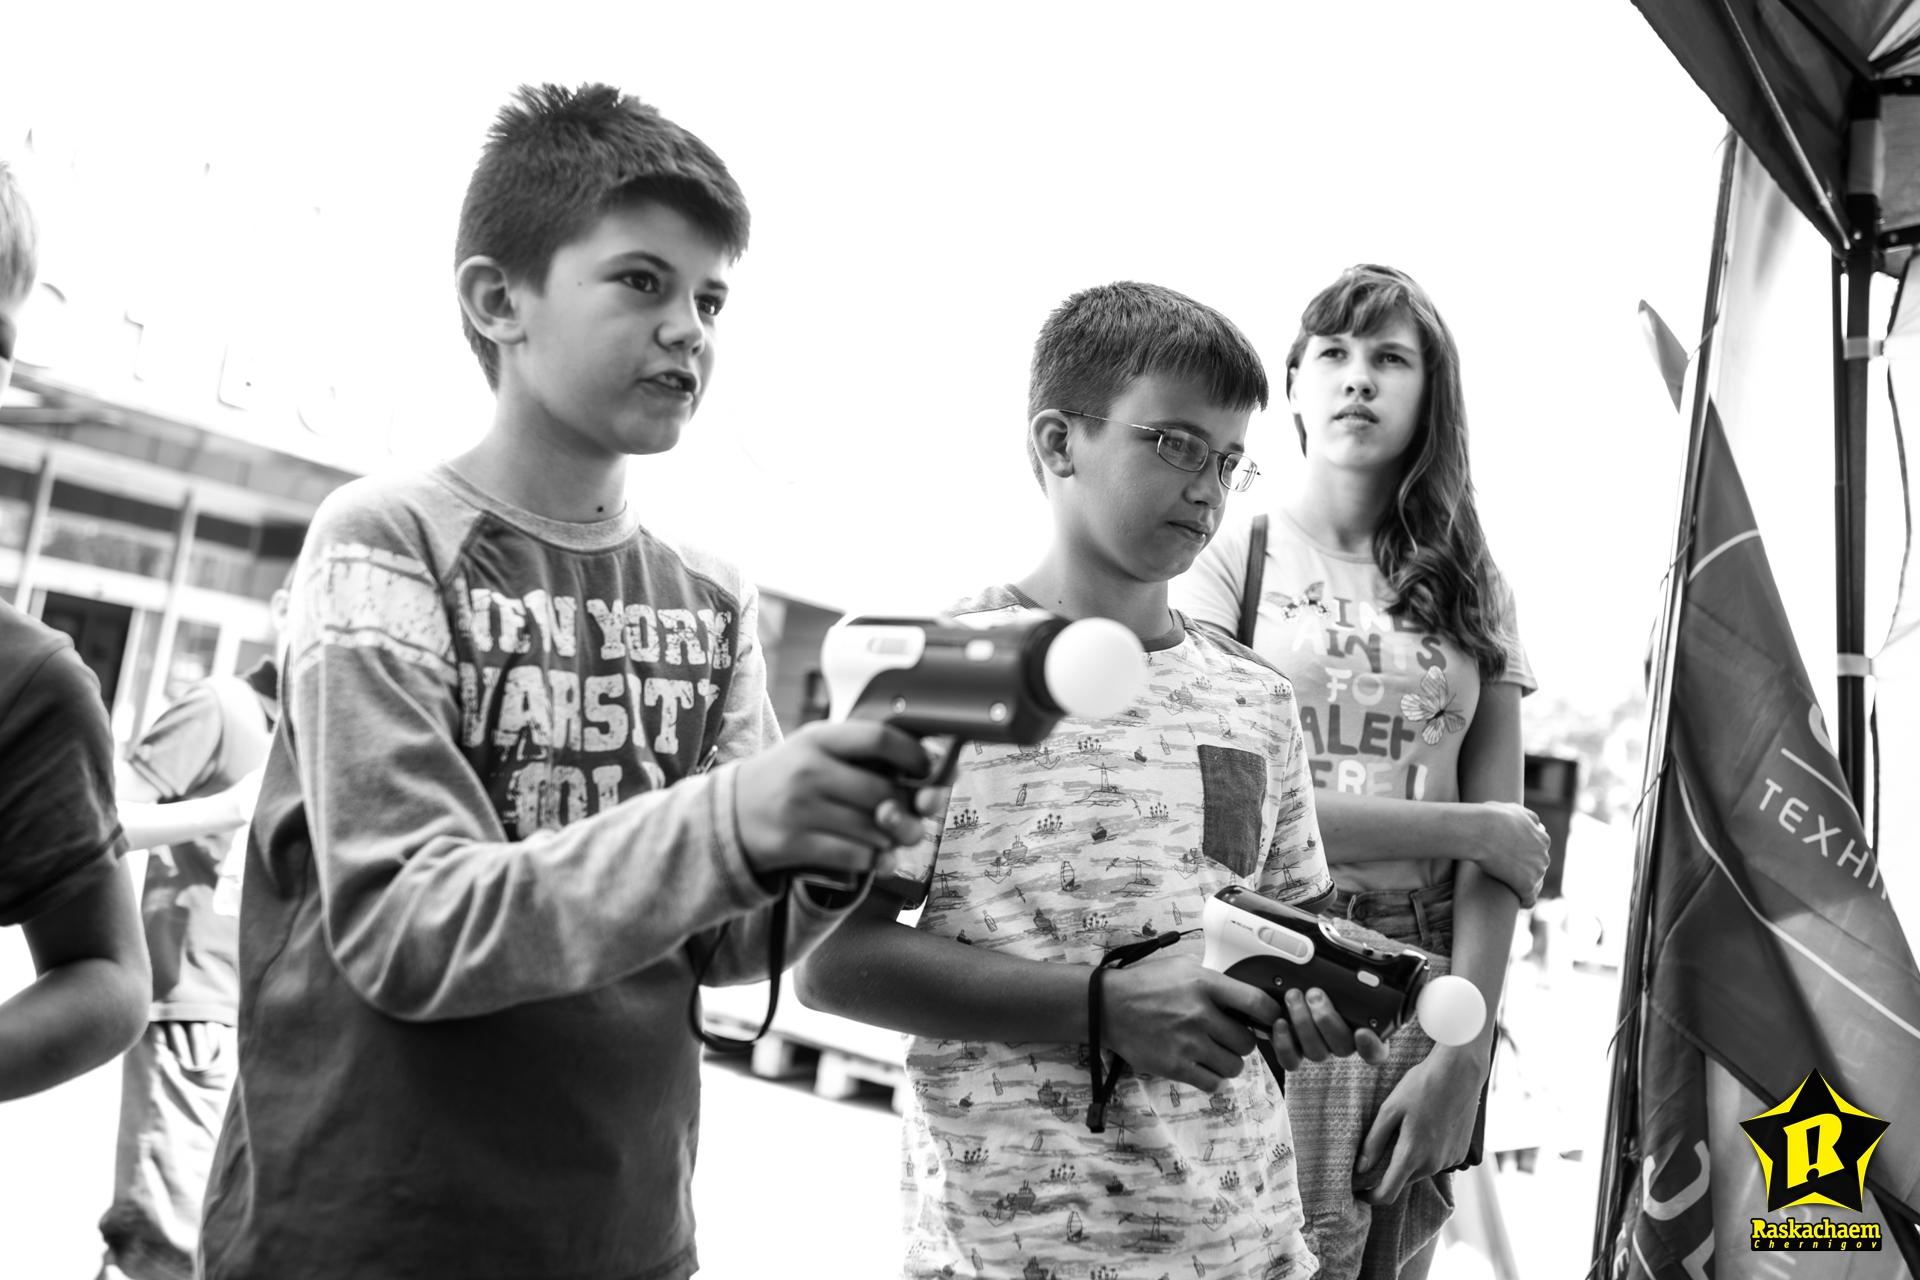 Віртуальні війни, перегони на гіроскутерах та дитяча кулінарія: у Чернігові пройшов Фестиваль техніки